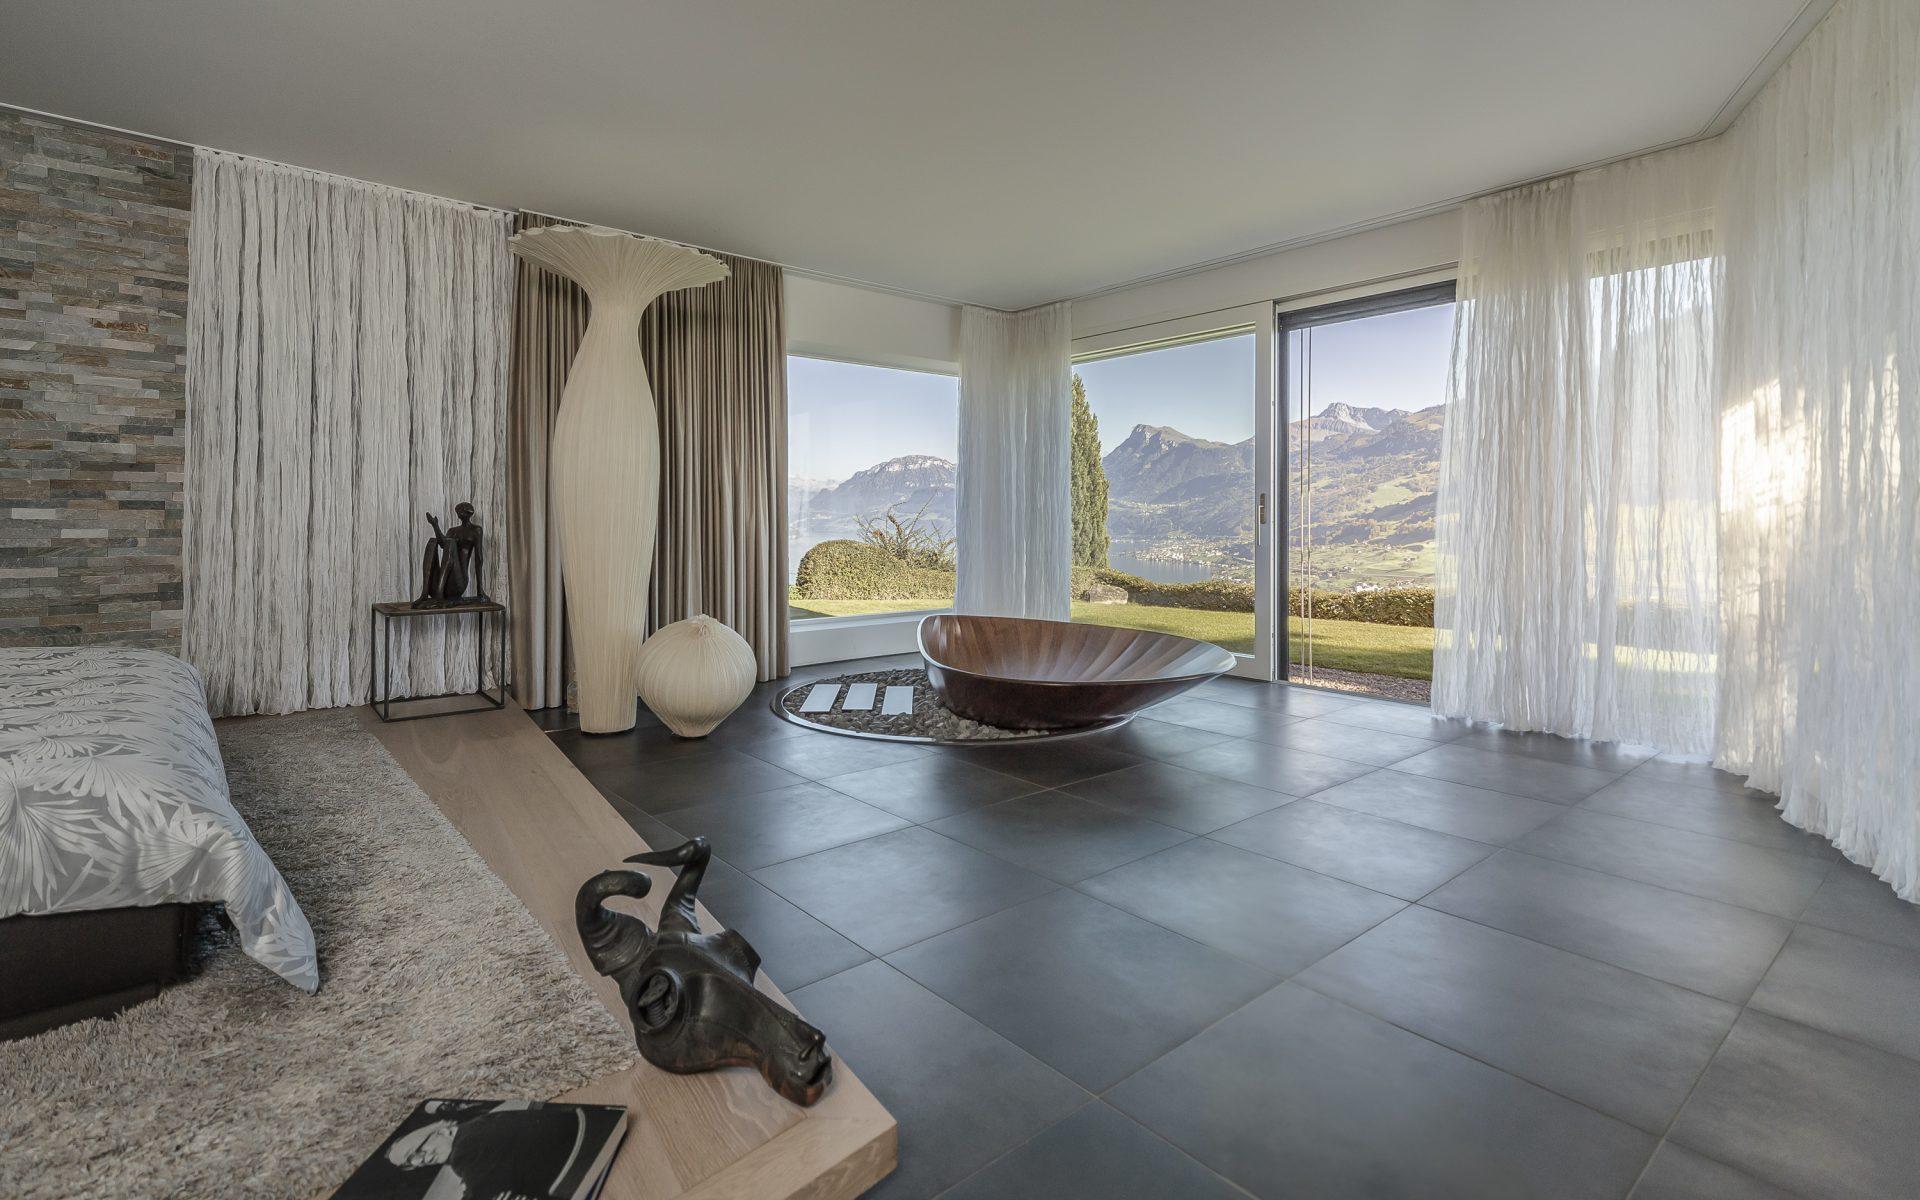 Scheuber Innenarchitektur Badewanne Holz Aussicht Vorhänge